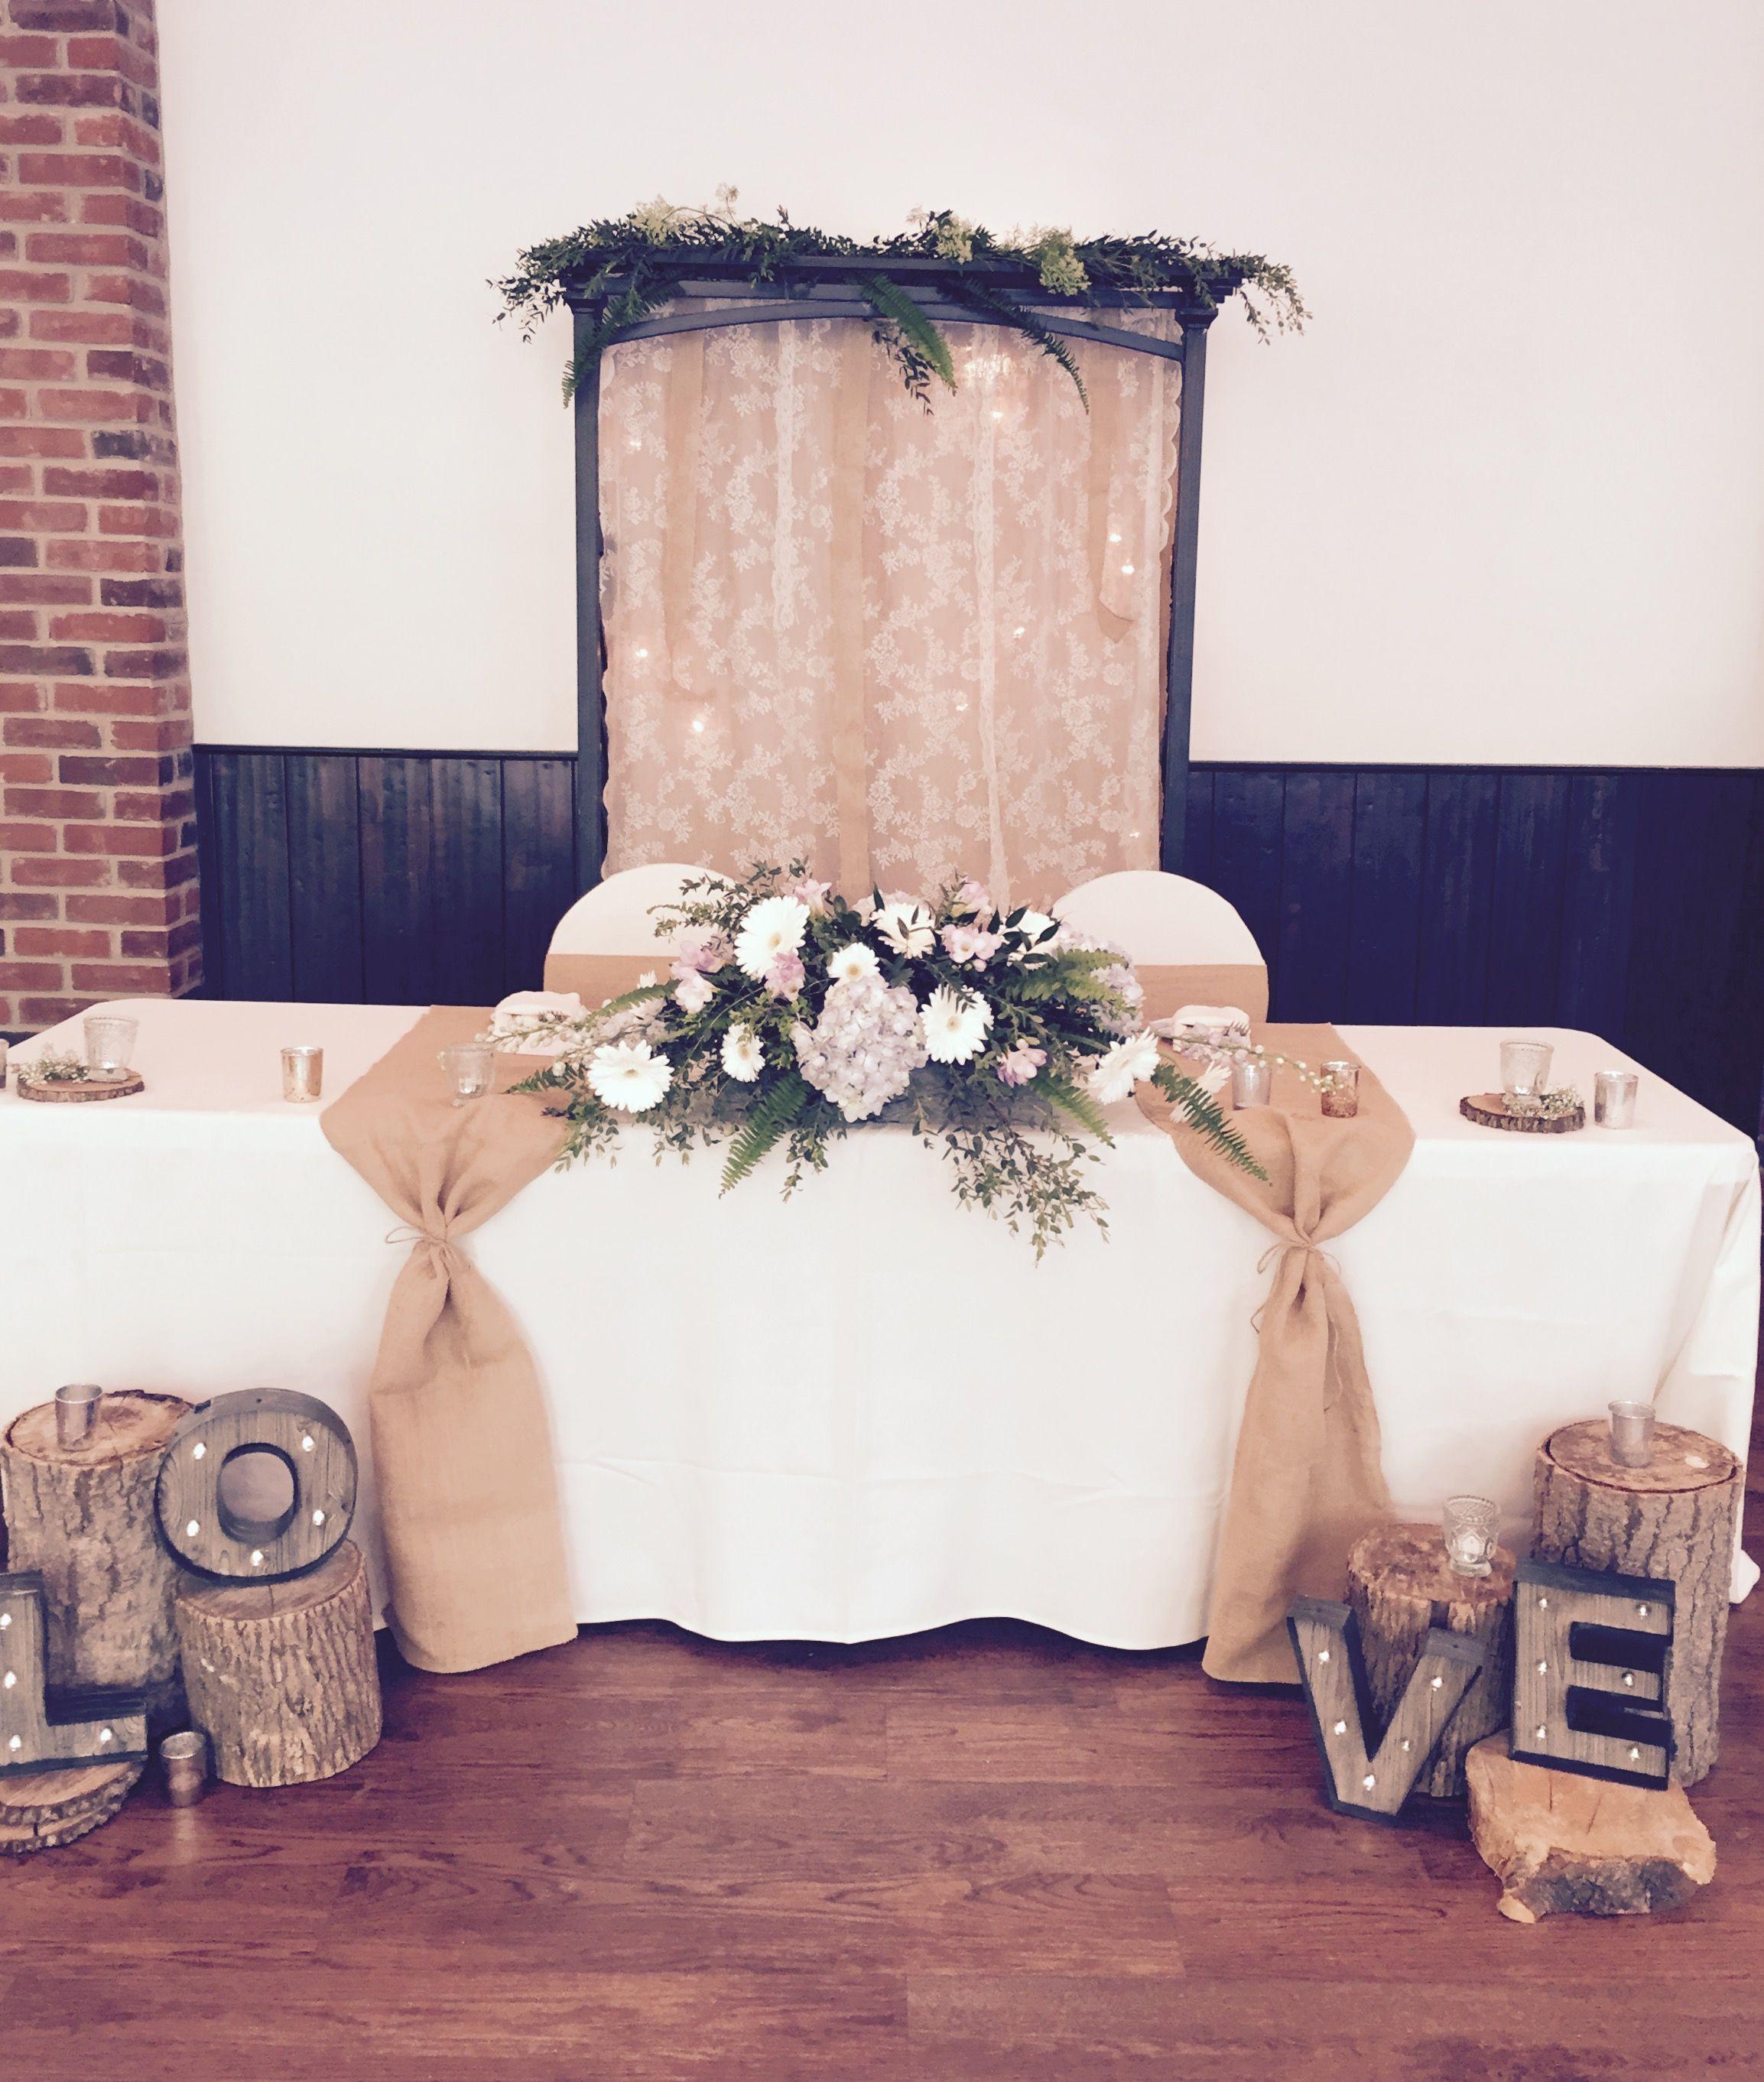 Rustic Wedding Decoration Ideas For Reception: Gorgeous Rustic Head Table Wedding At Fantasy Farm